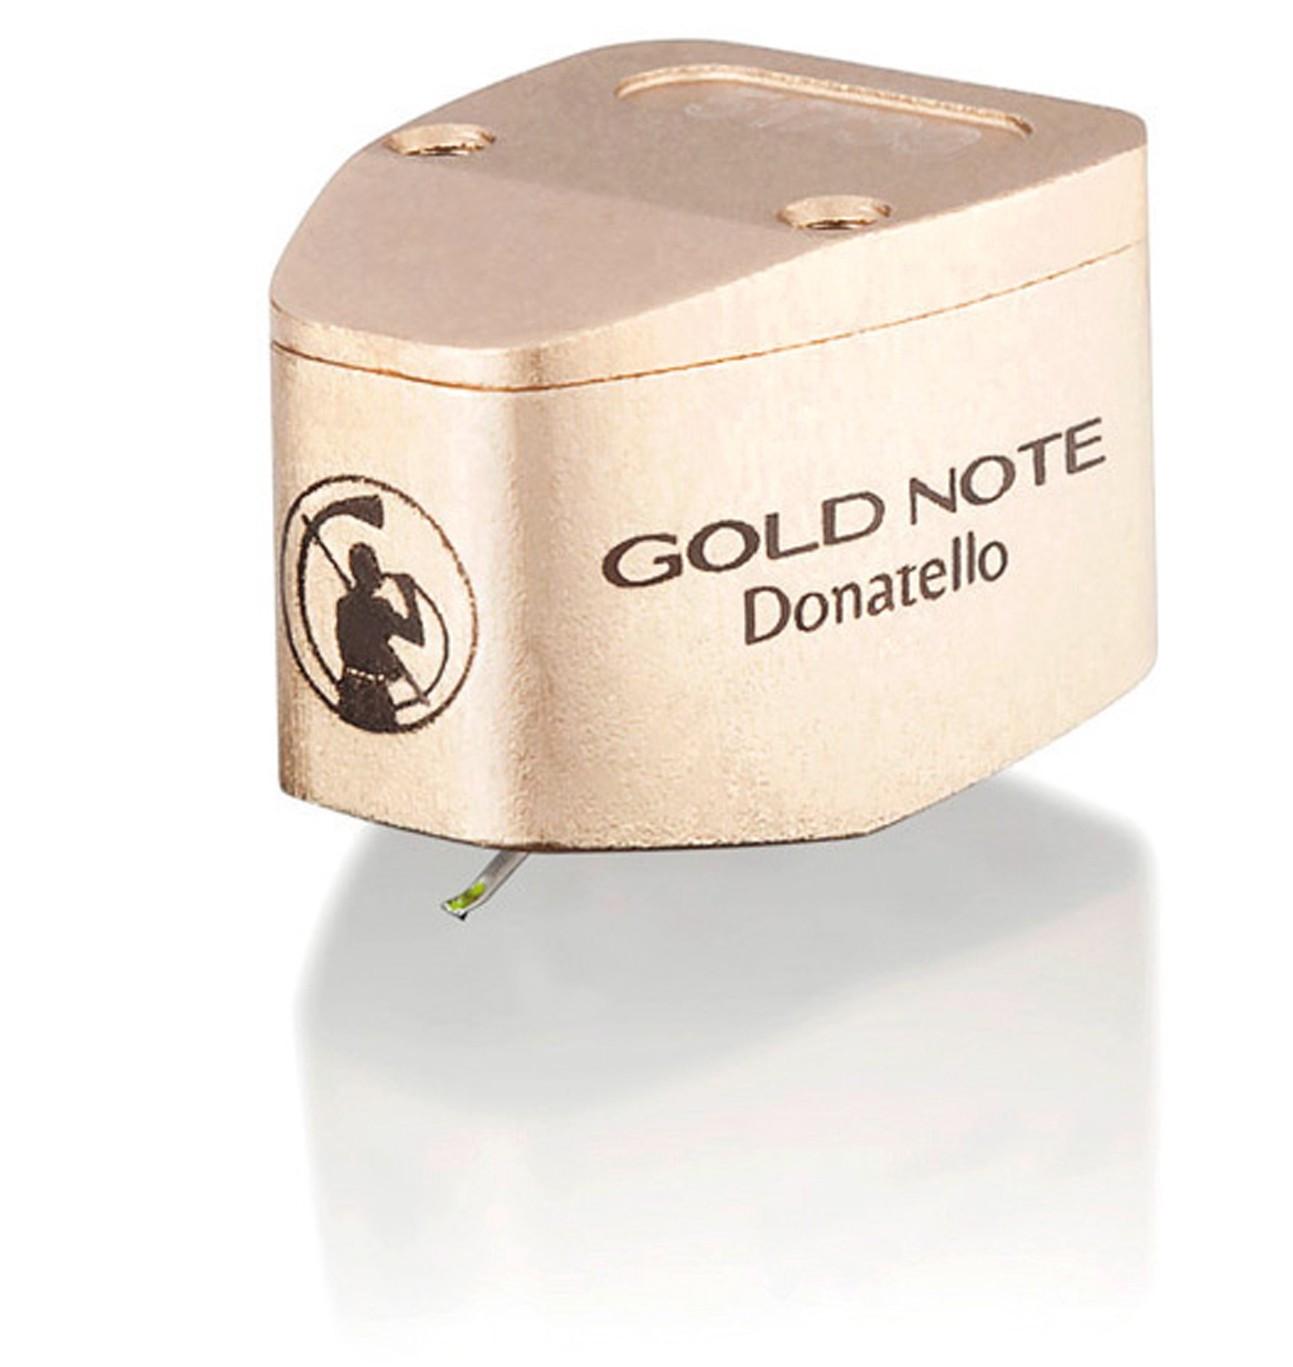 Plattenspieler Goldnote Pianosa im Test, Bild 10